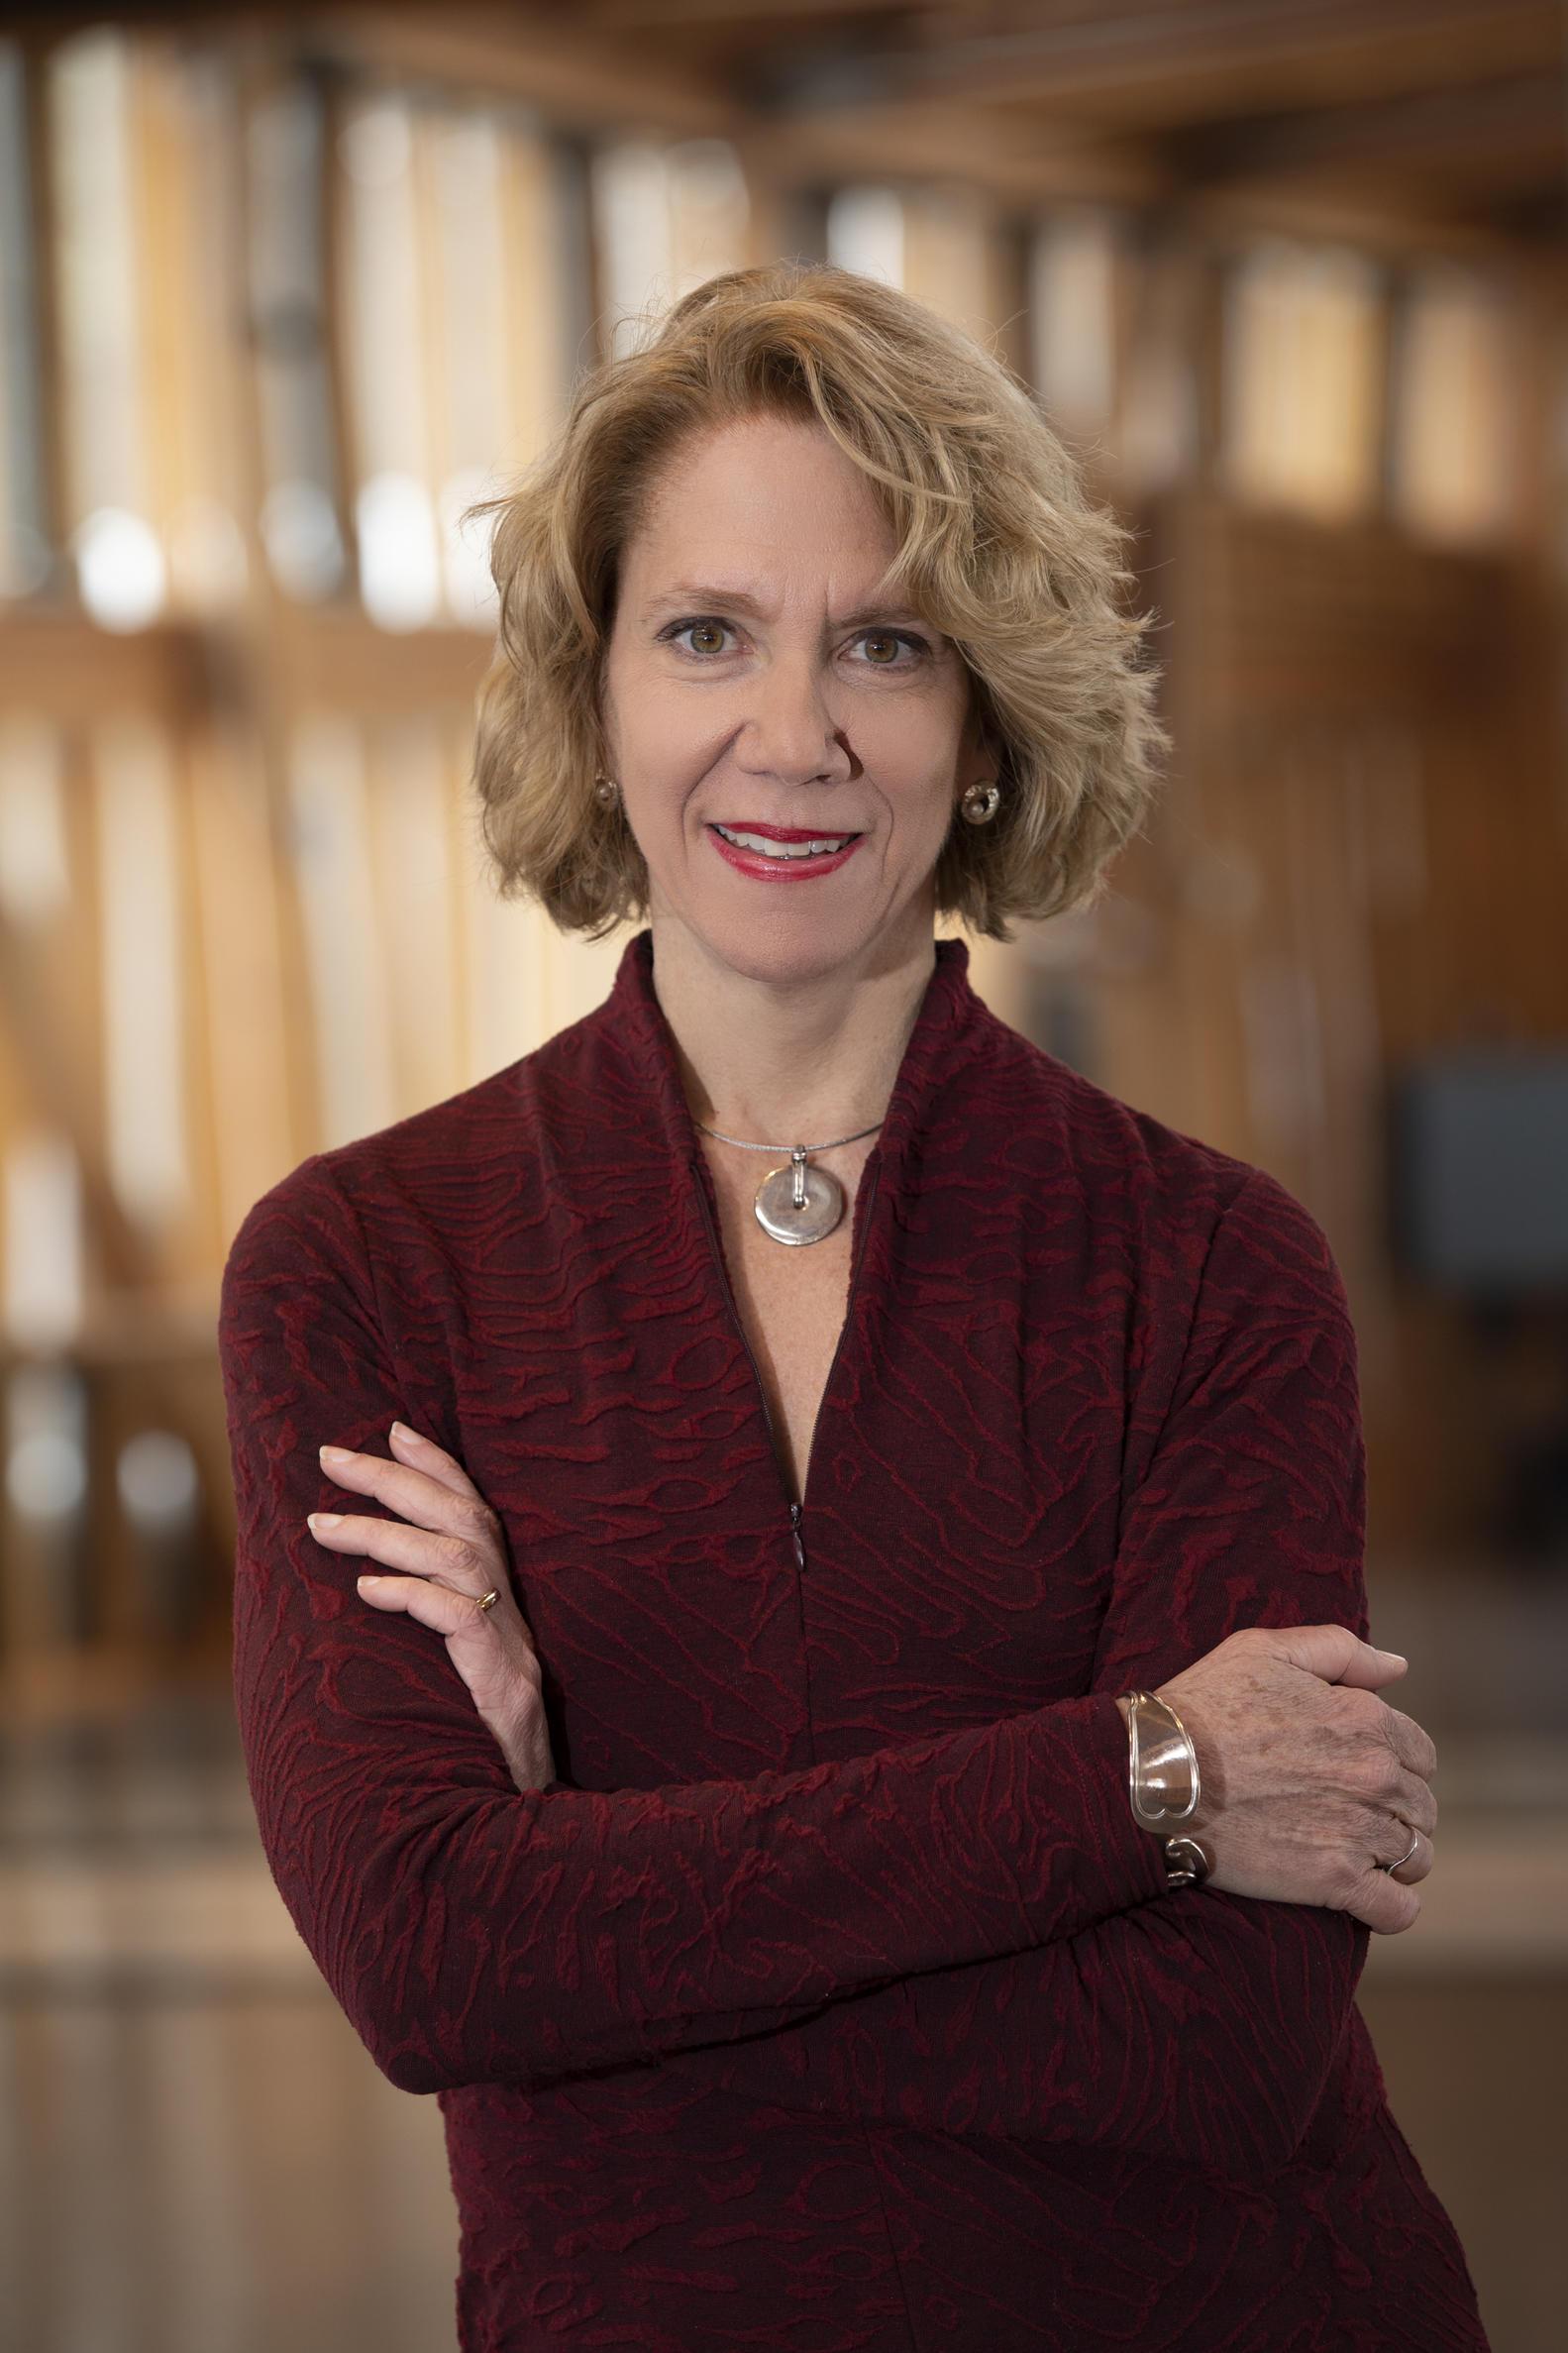 Pamela Tatge